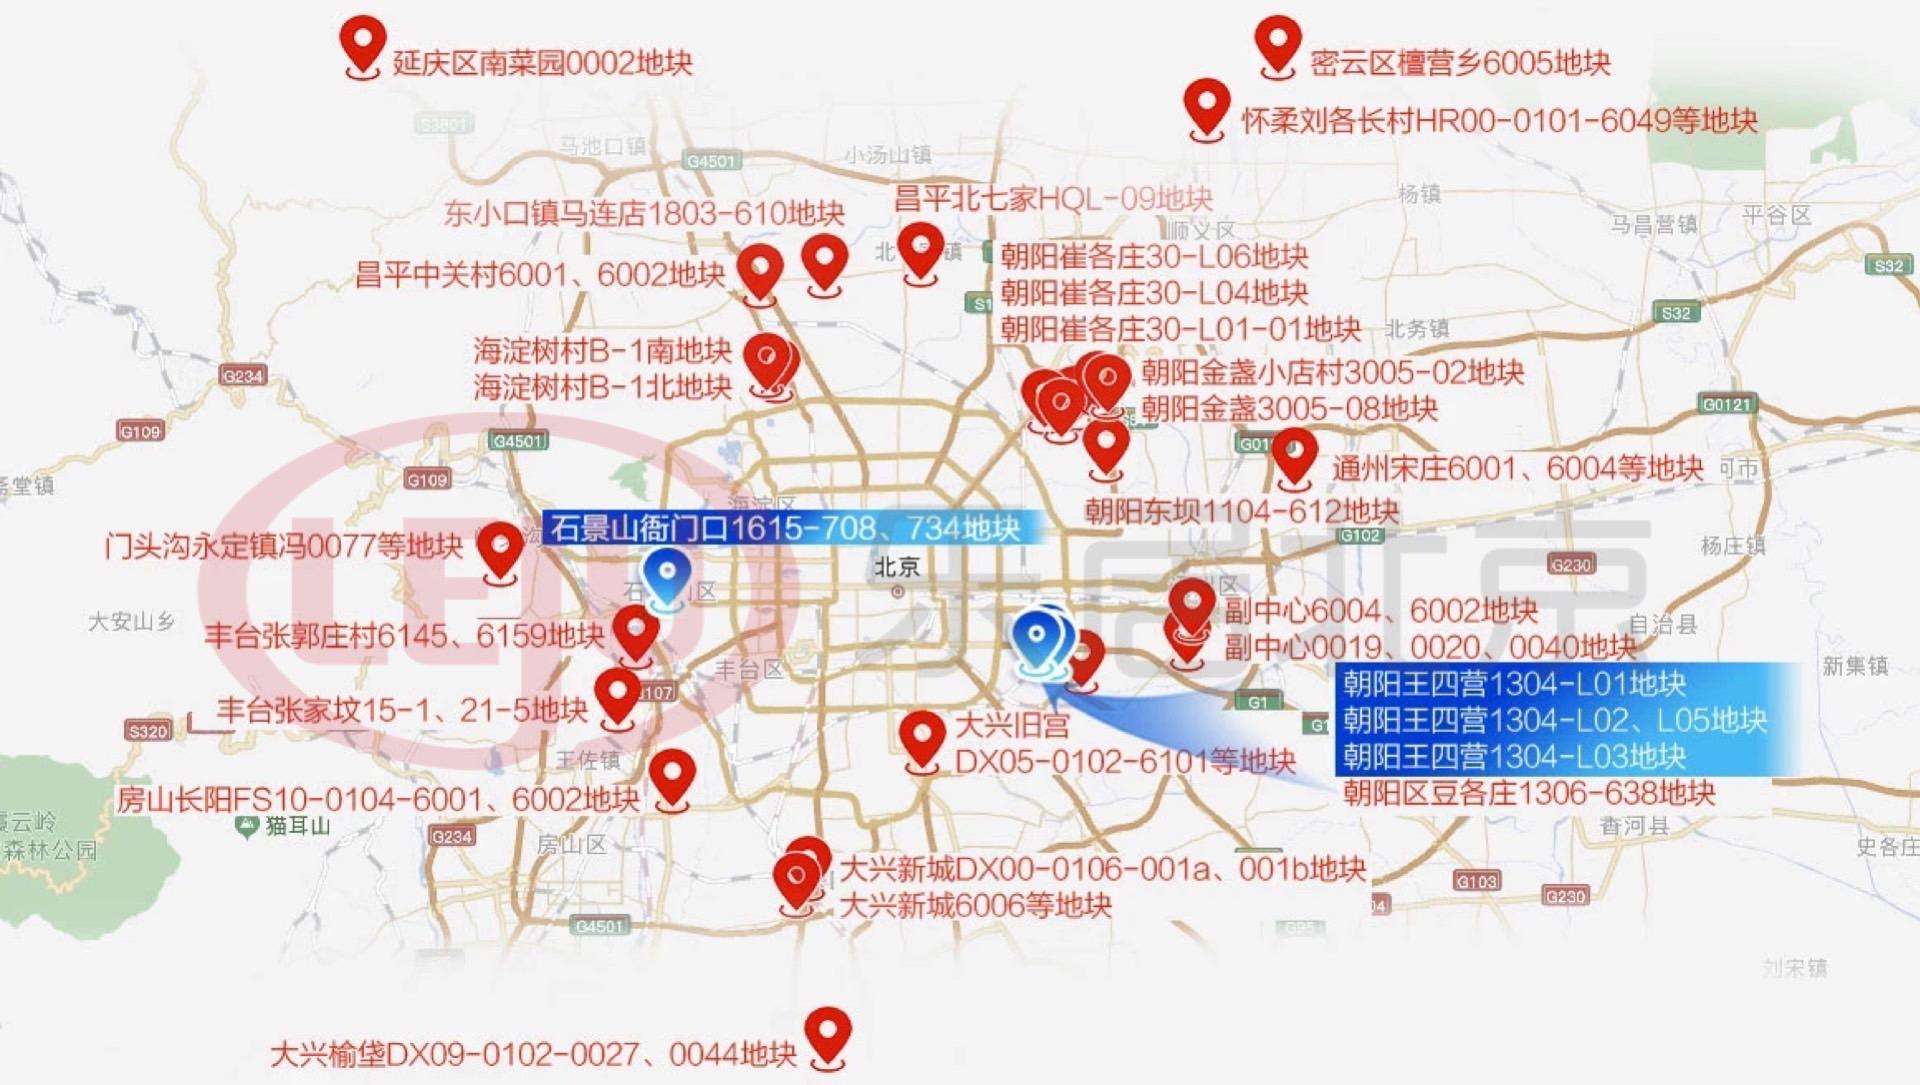 北京首批土拍时间确定